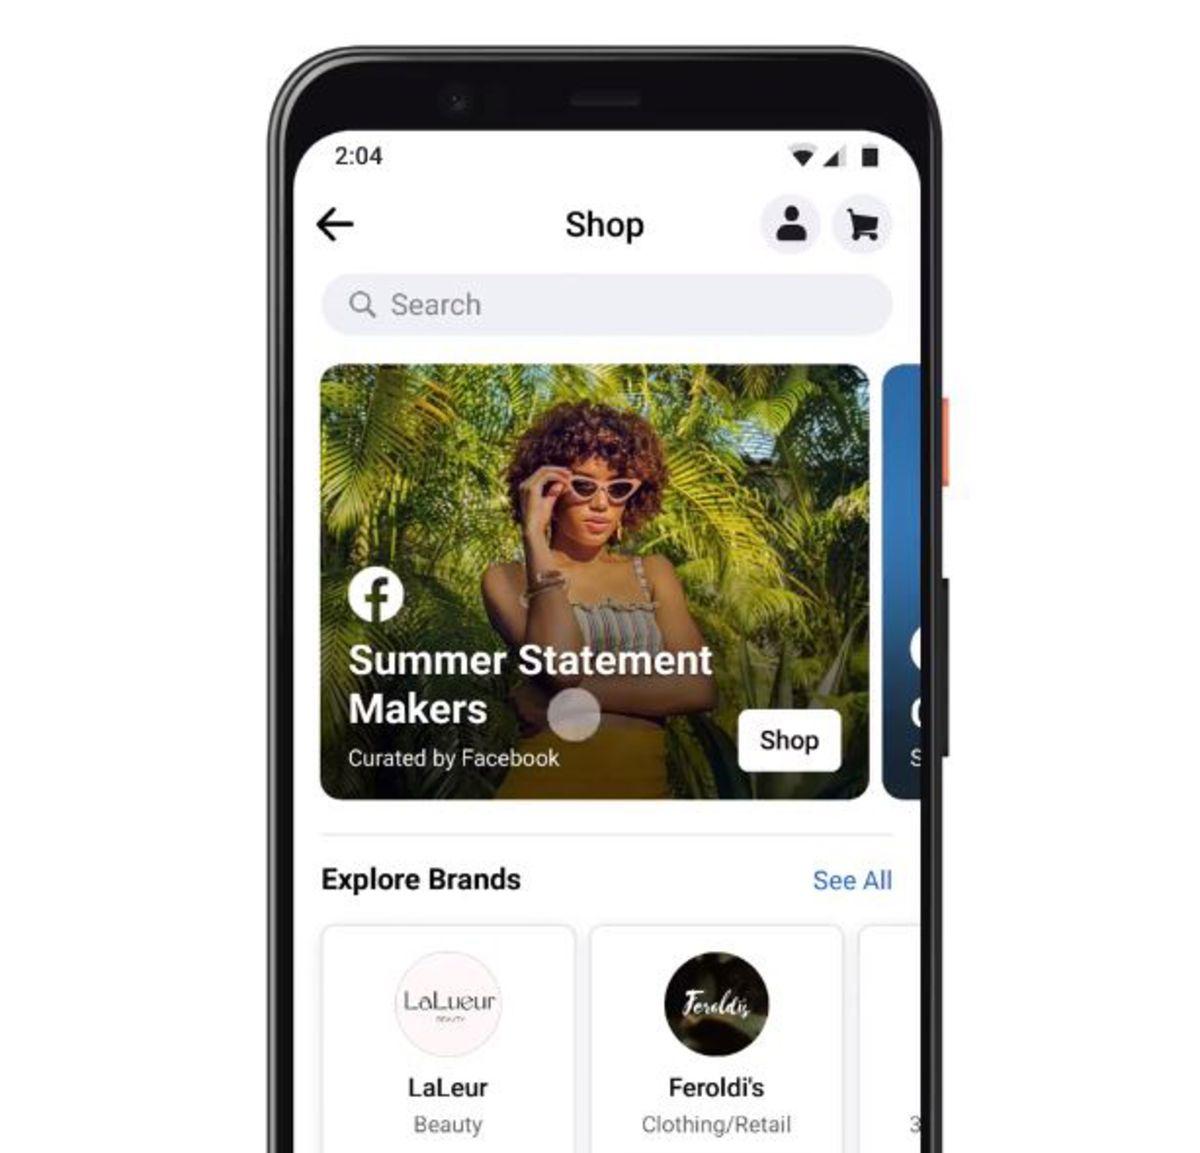 フェイスブック、新たな通販機能を追加-電子商取引事業強化に向け - Bloomberg